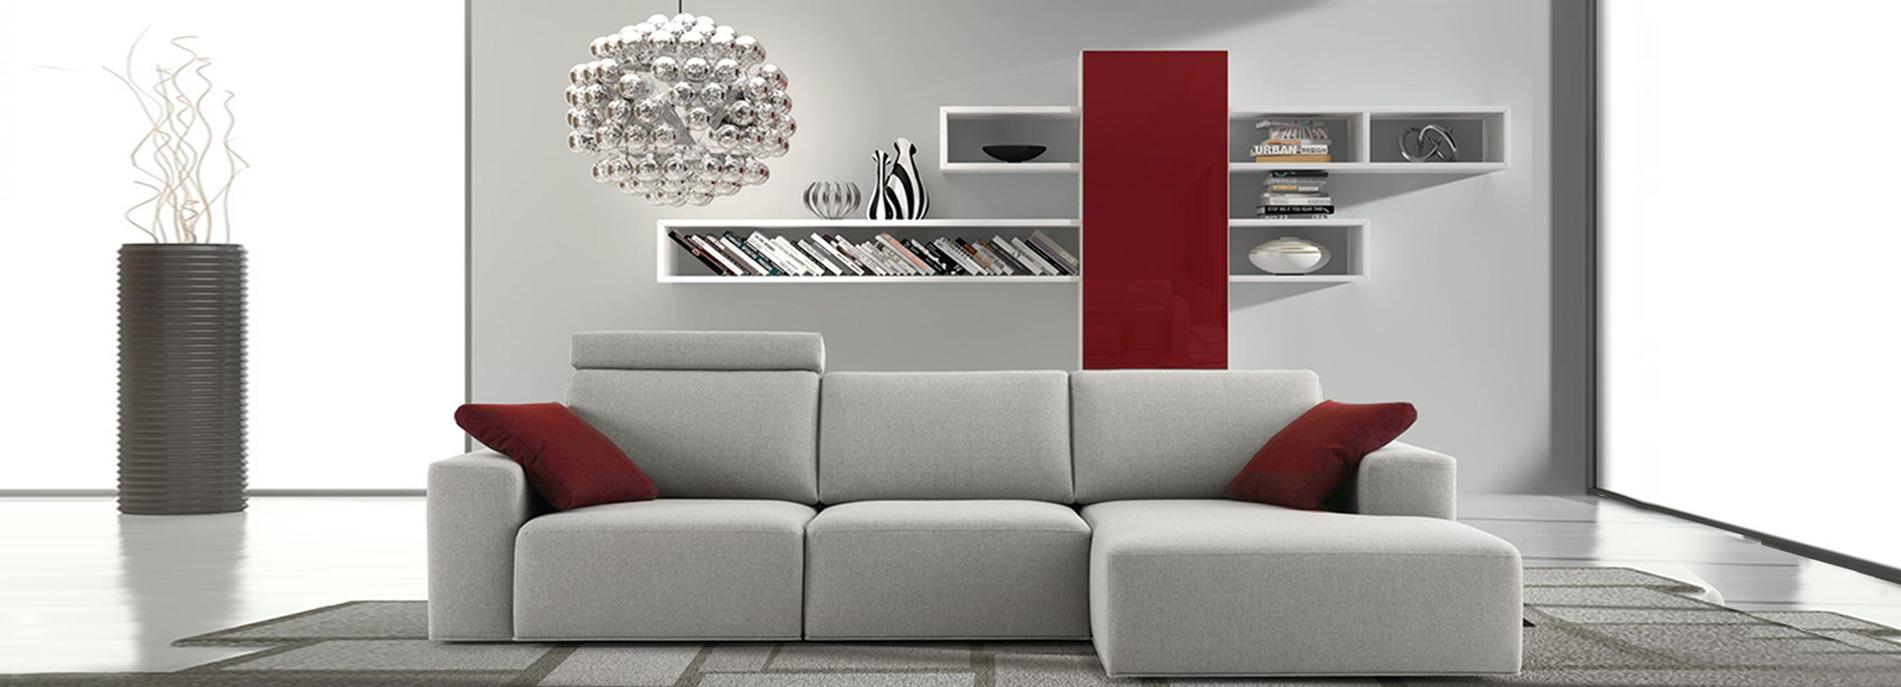 Mobili per ingresso moderni on line design casa creativa for Mobili da soggiorno moderni